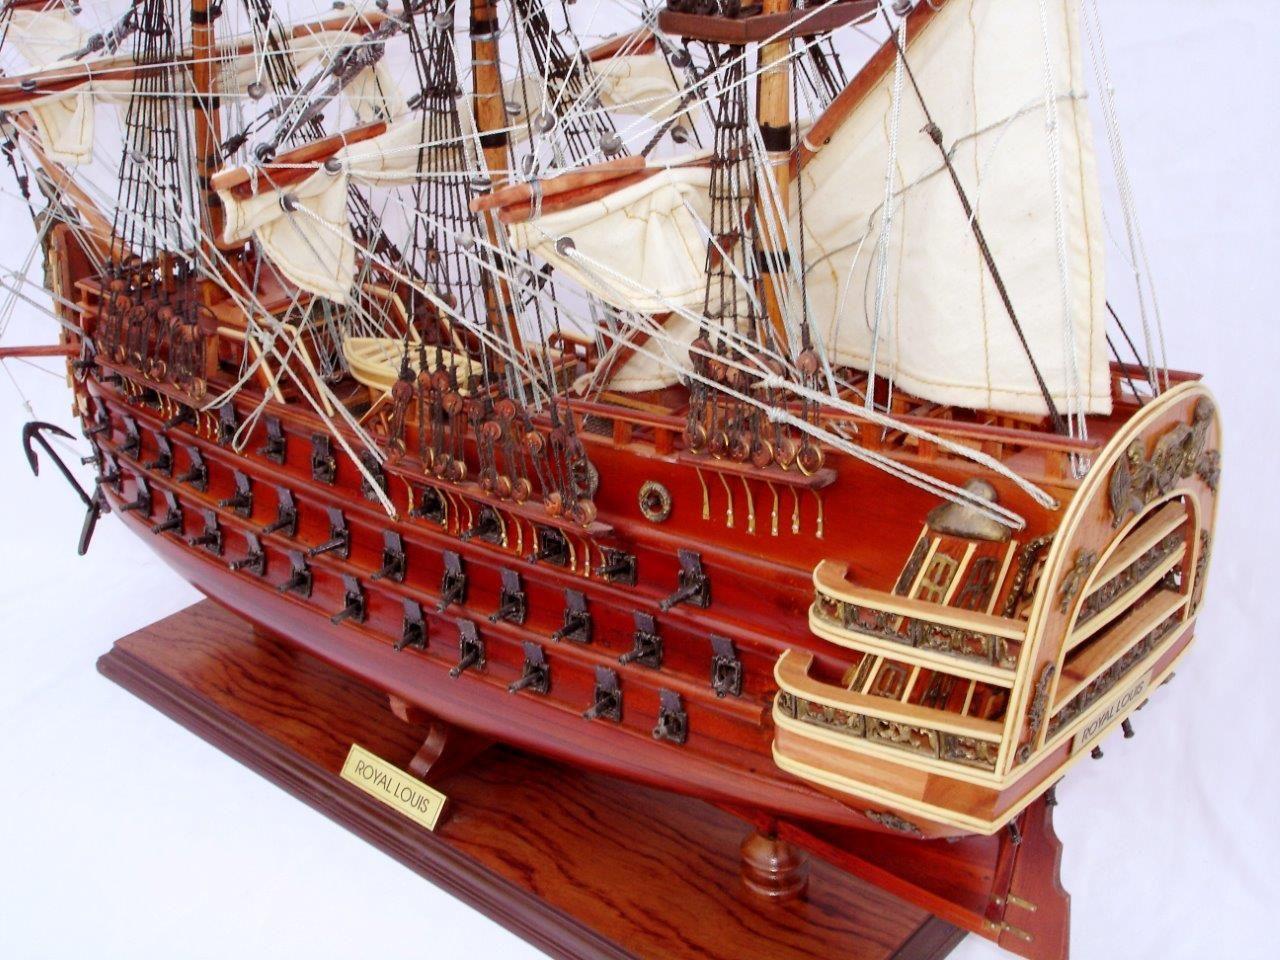 2093-12435-Royal-Louis-Ship-Model